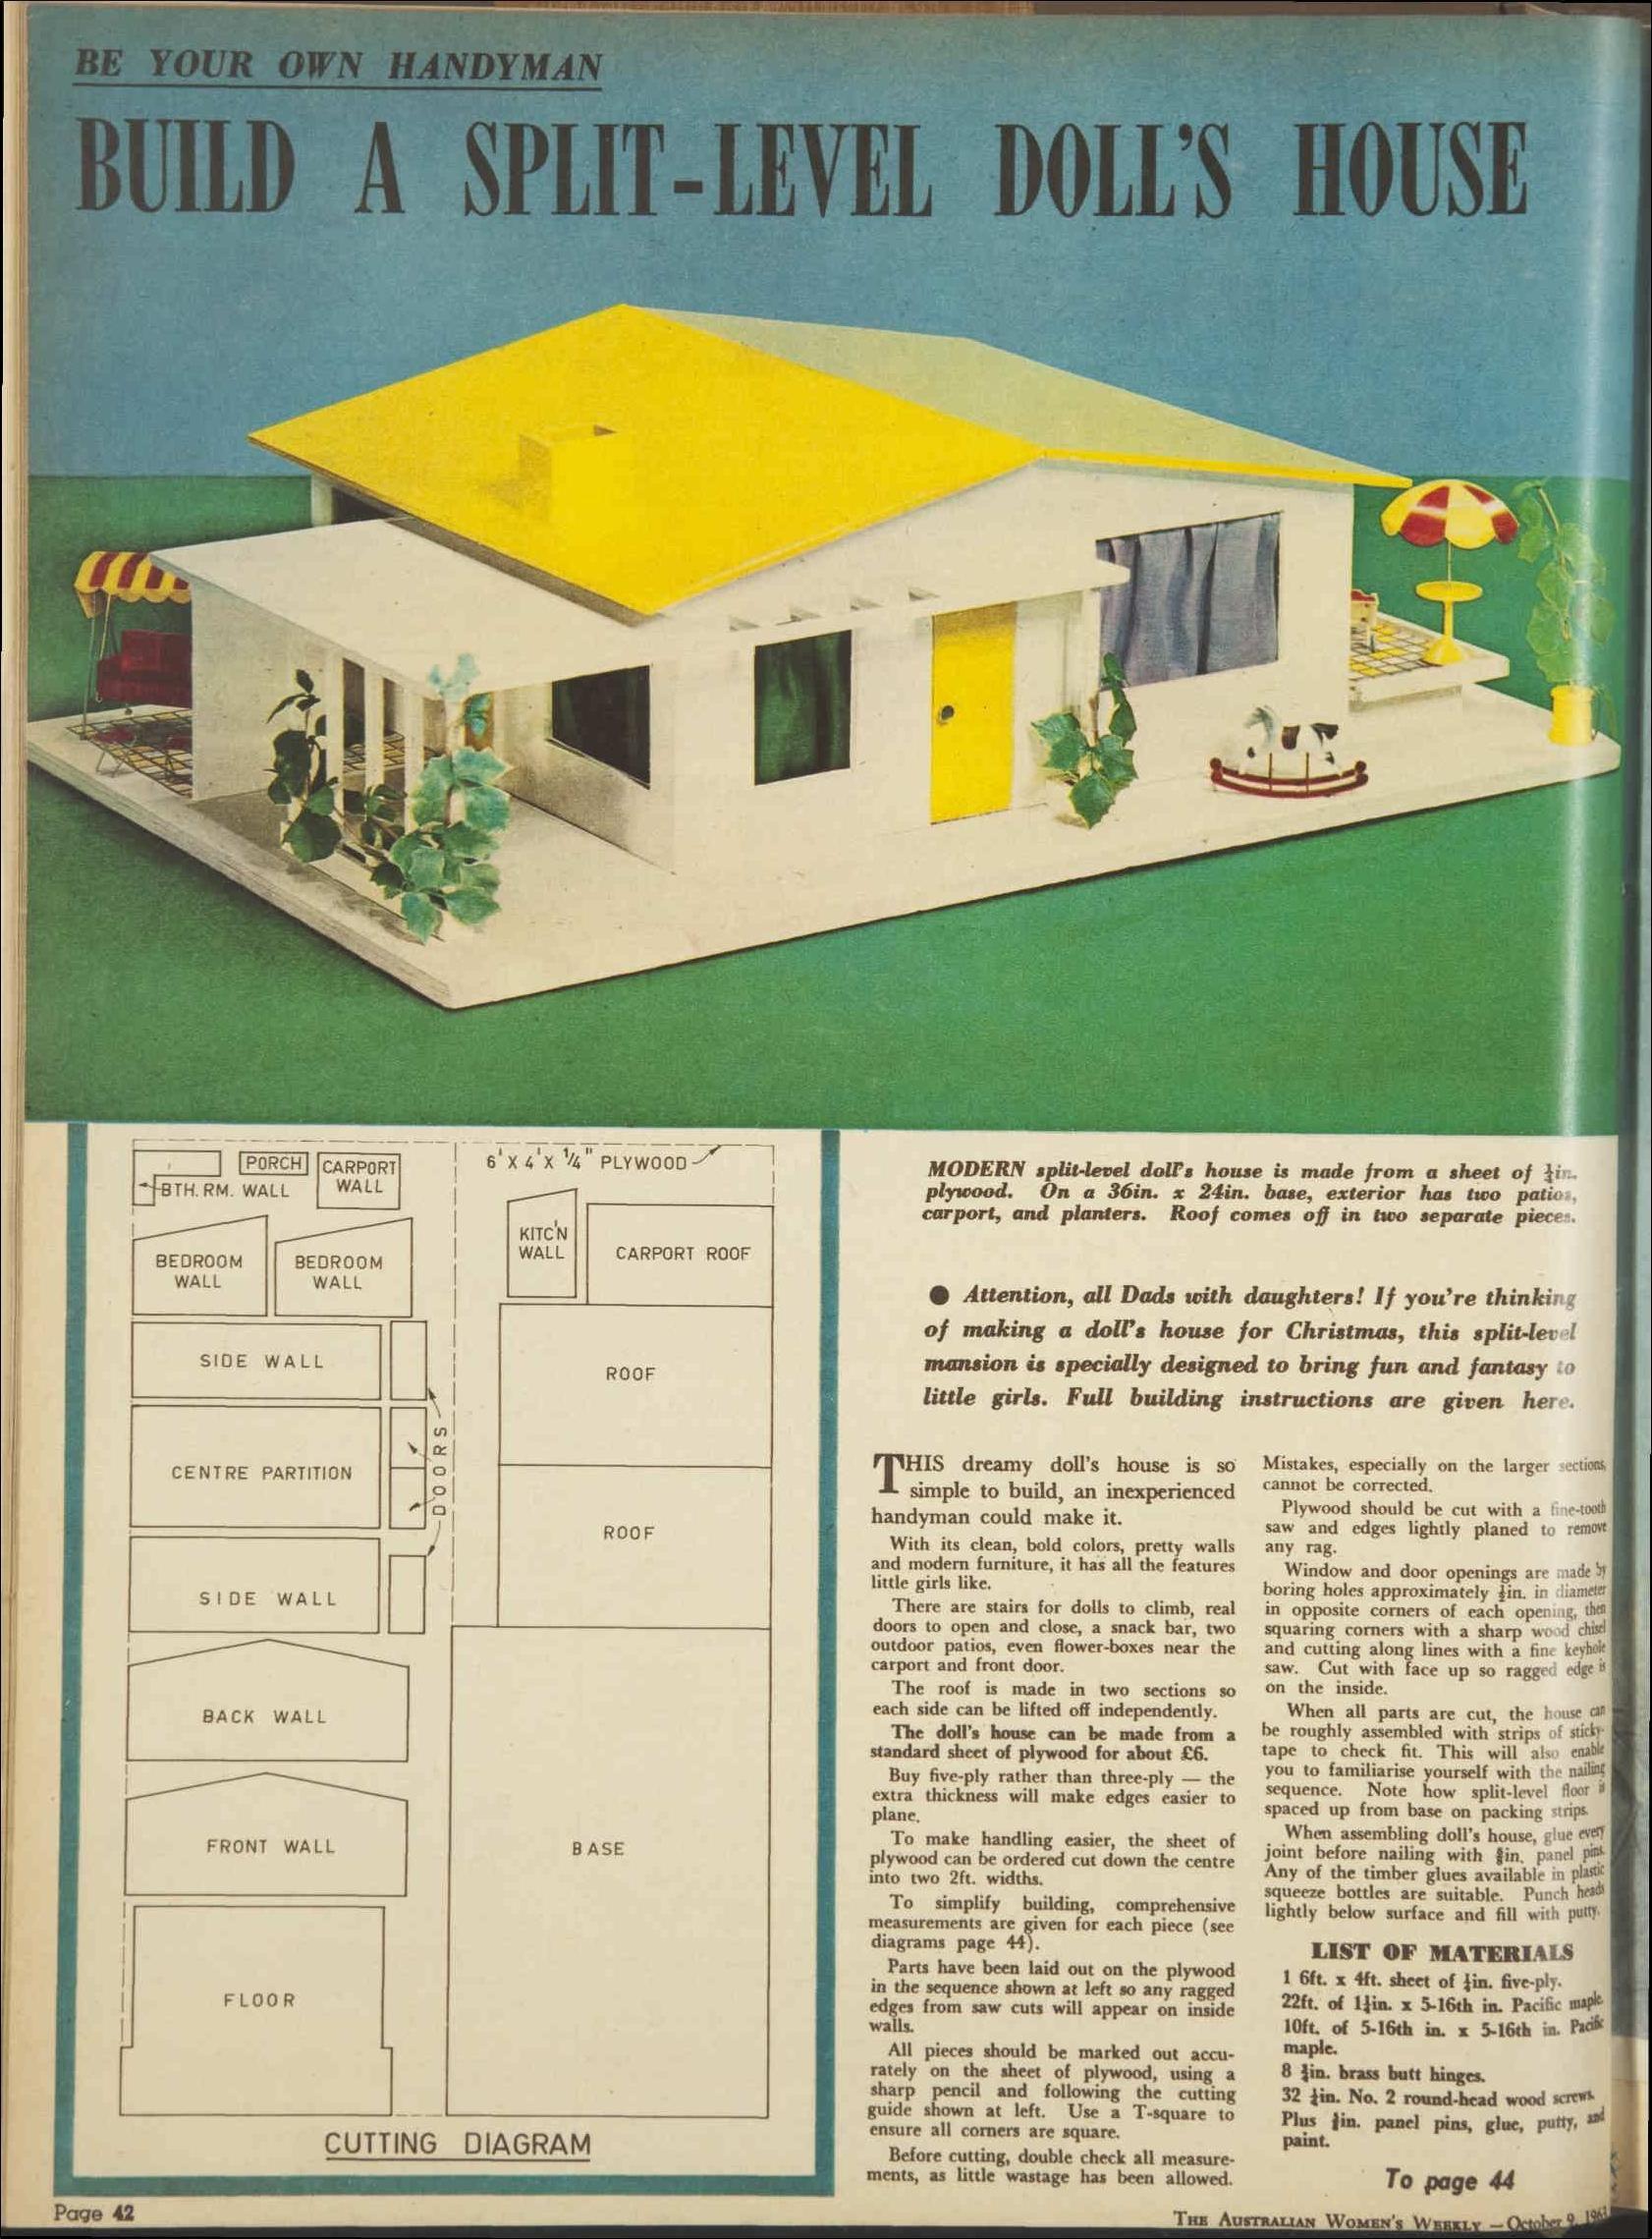 Plans for a split level 1960s dolls house 9 oct 1963 the australian womens